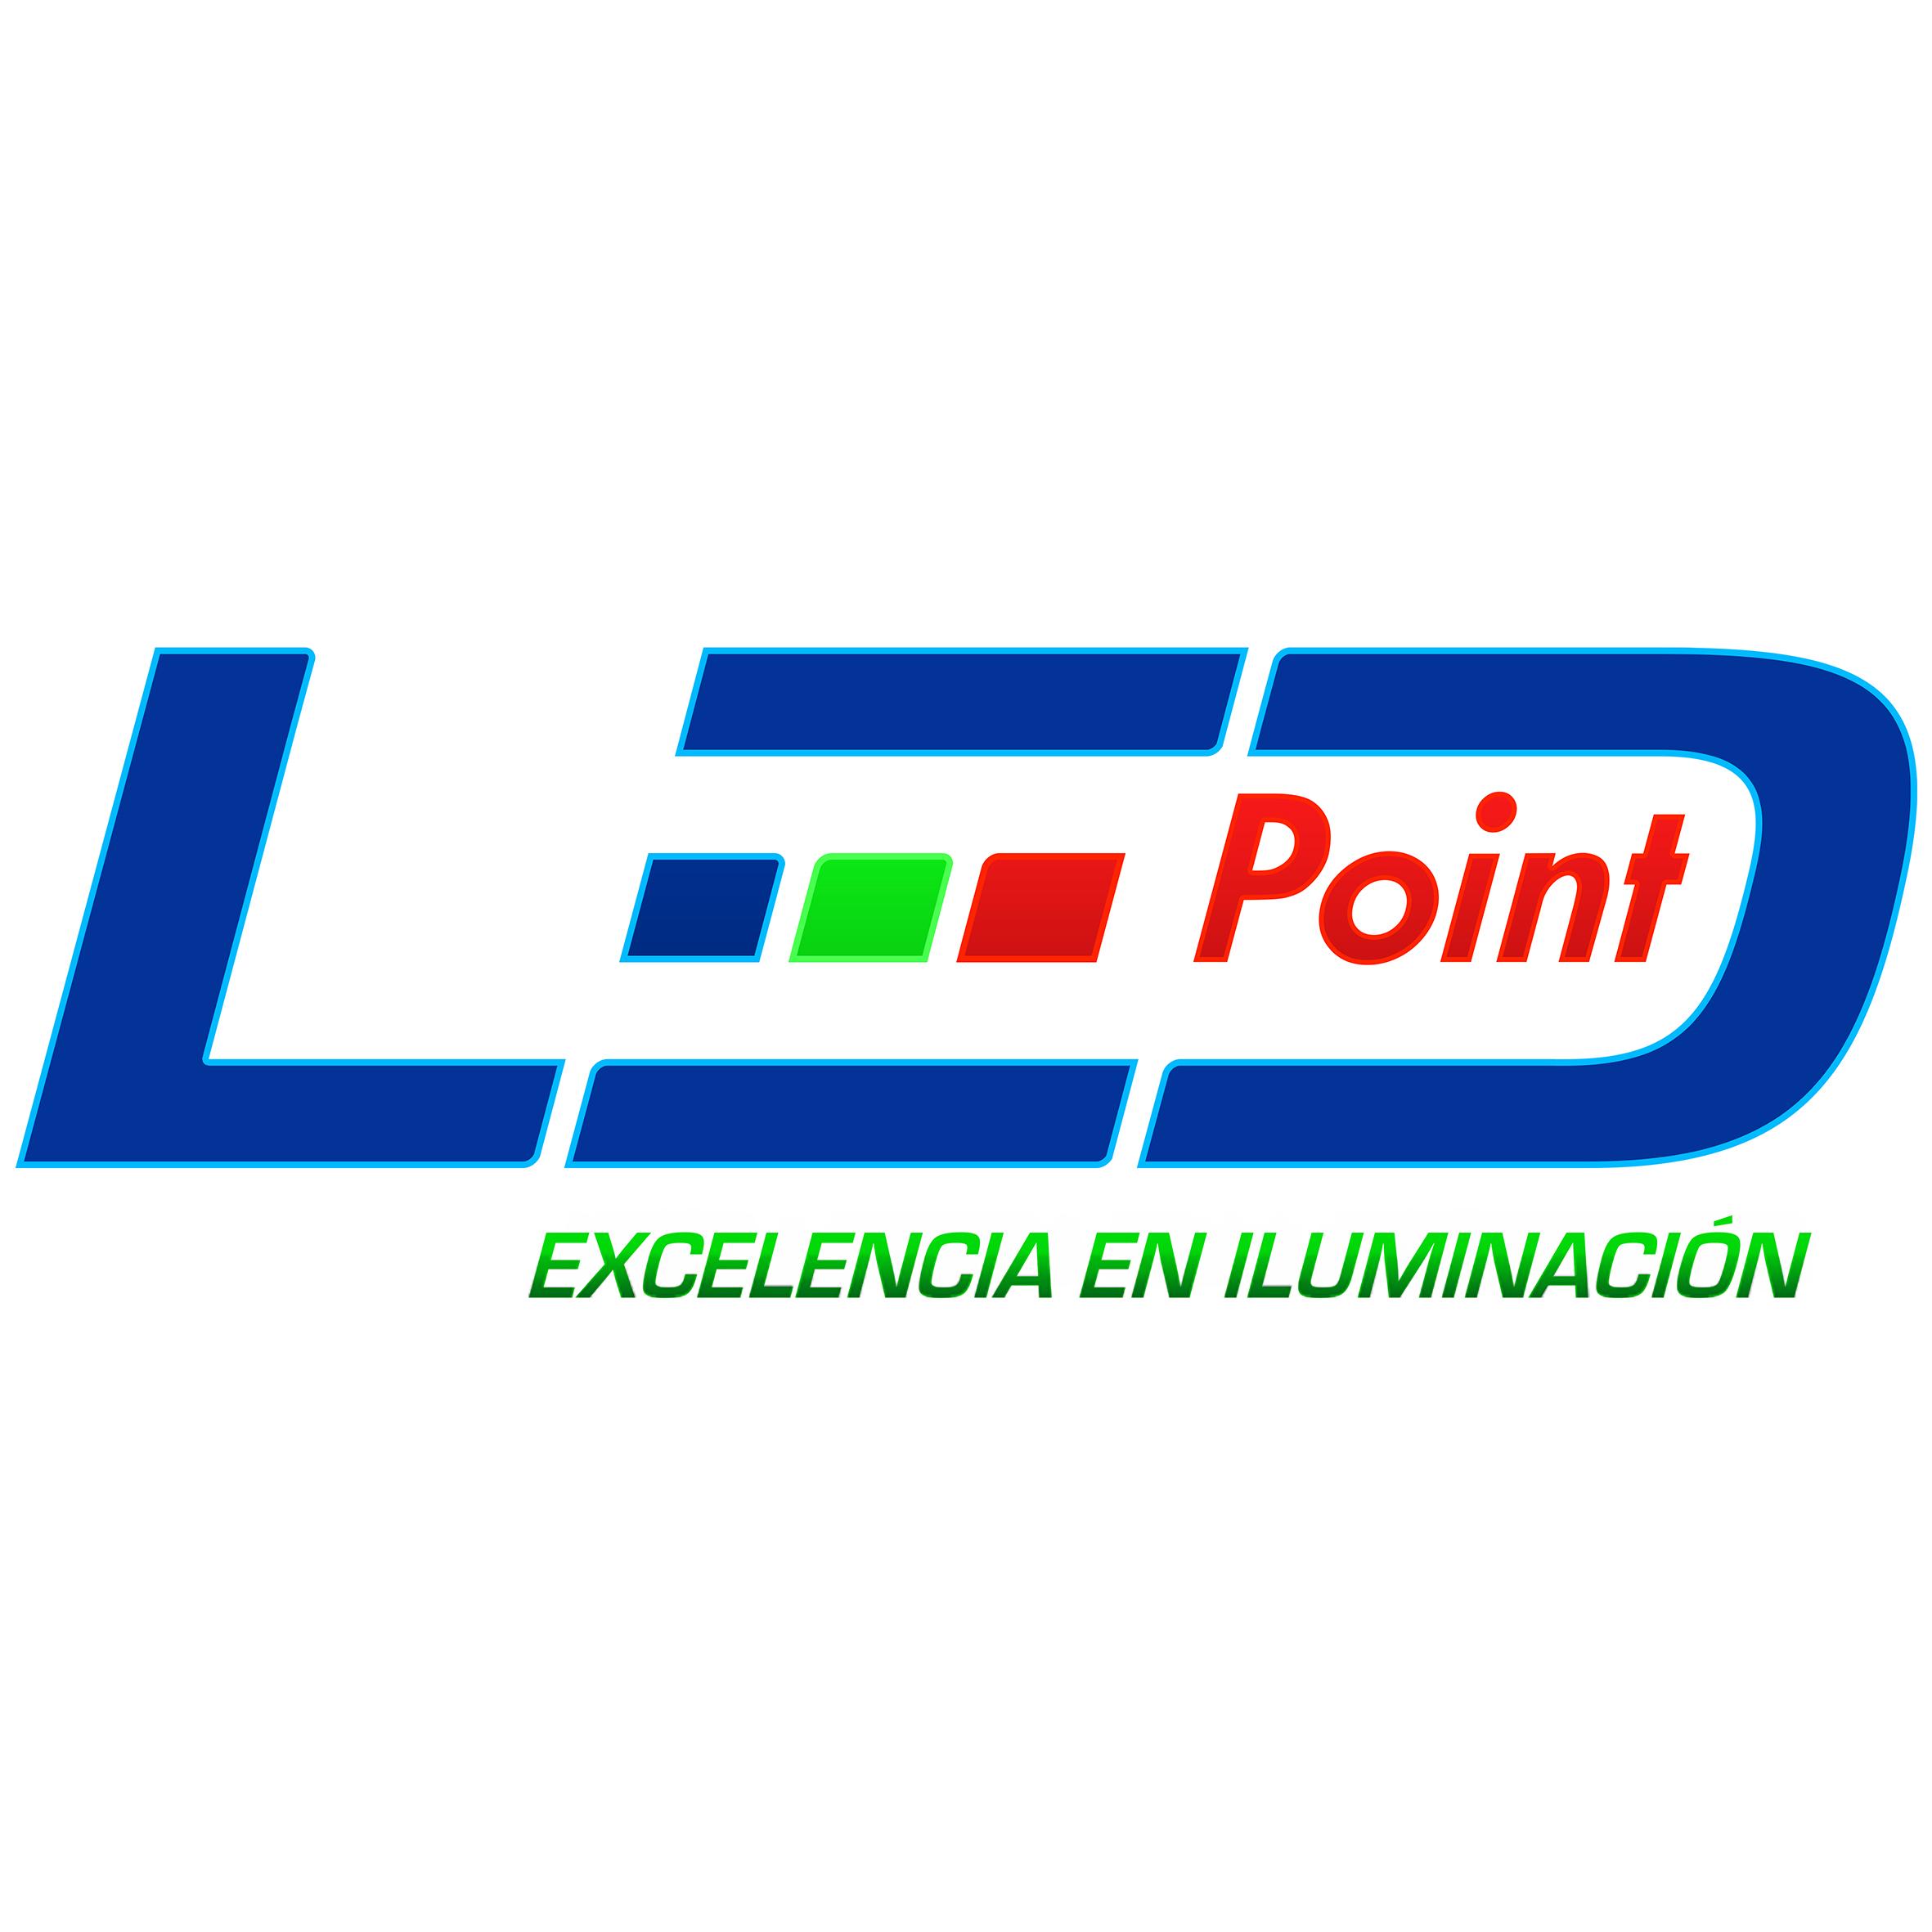 LED POINT excelencia en iluminación